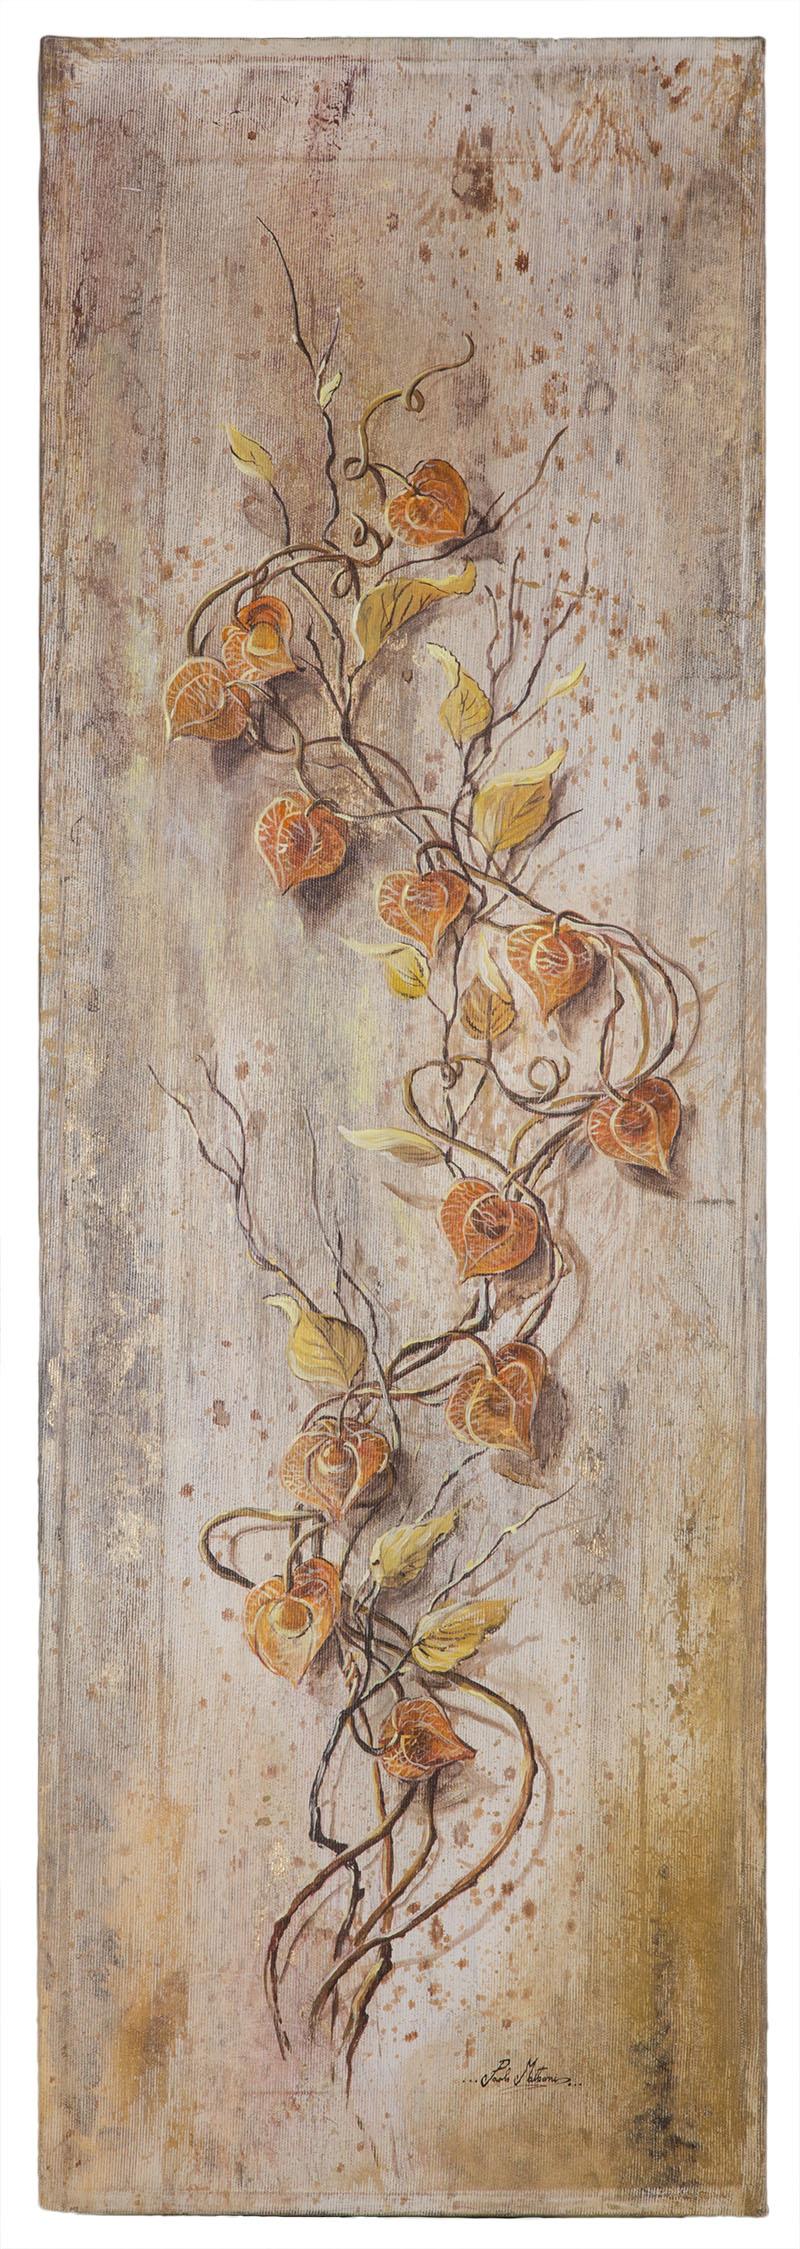 Tralcio di alchechengi Tela 30x90 cm tempera acrilica con inserimento di foglia d'oro. Dipinto a mano.